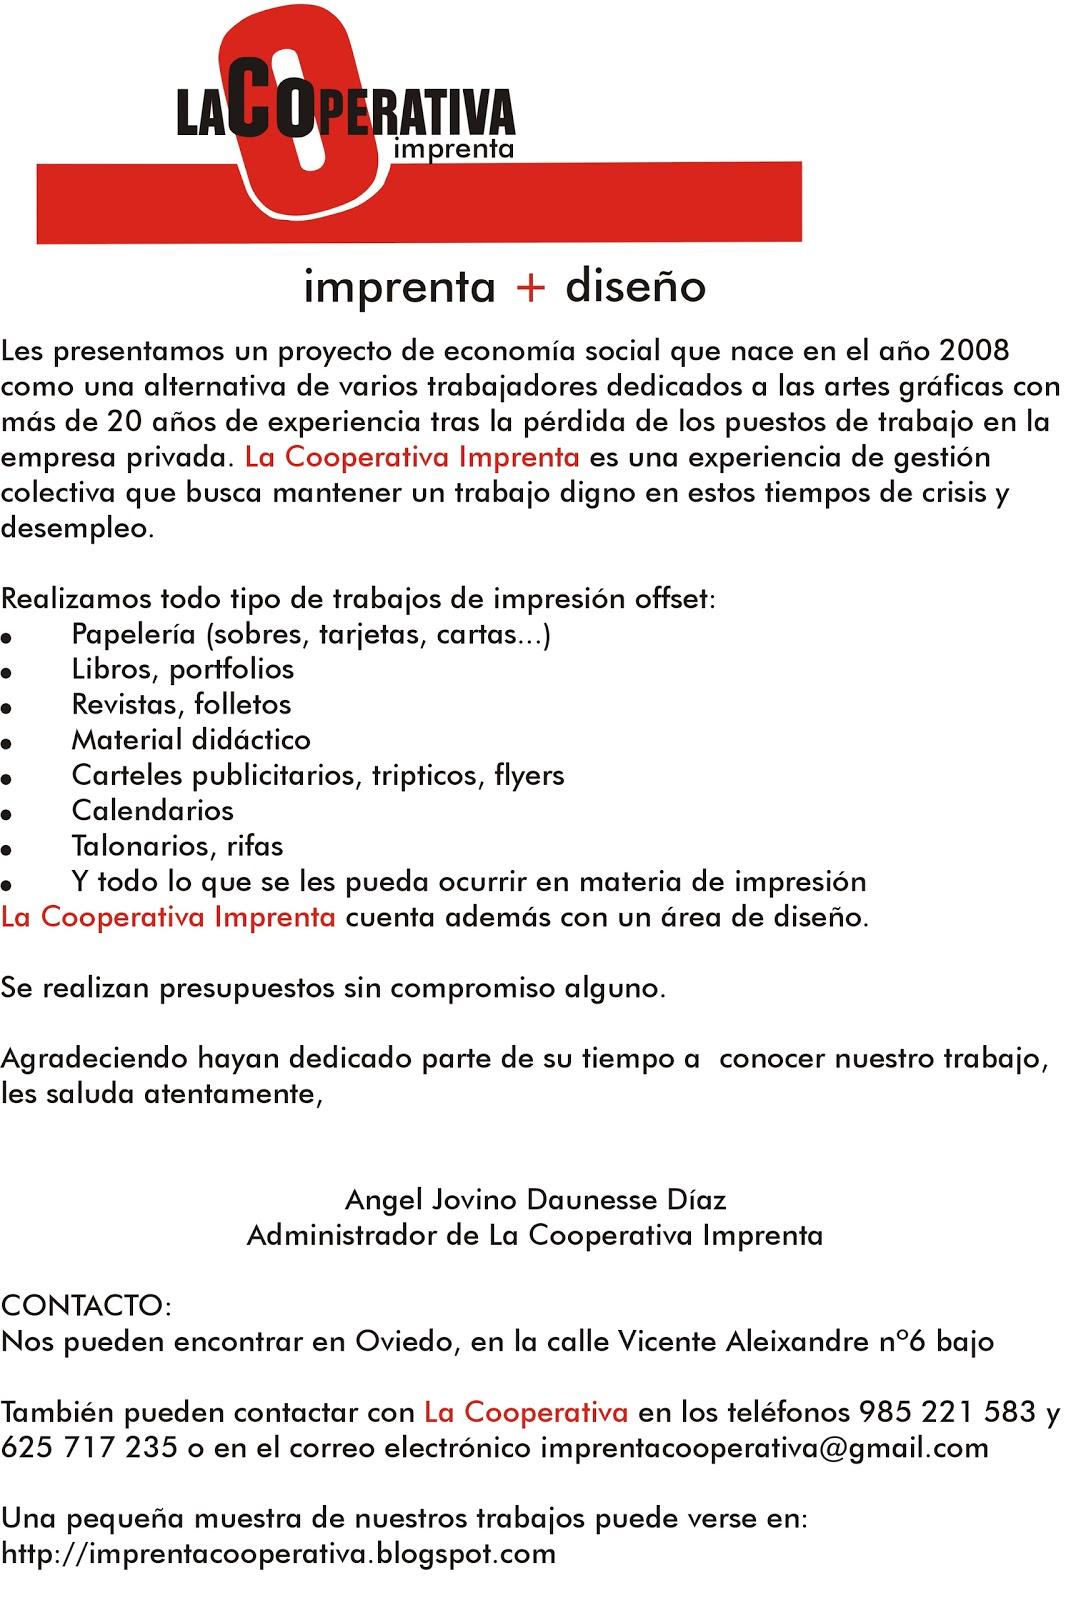 Imprenta La Cooperativa Oviedo Presentacion Y Contacto